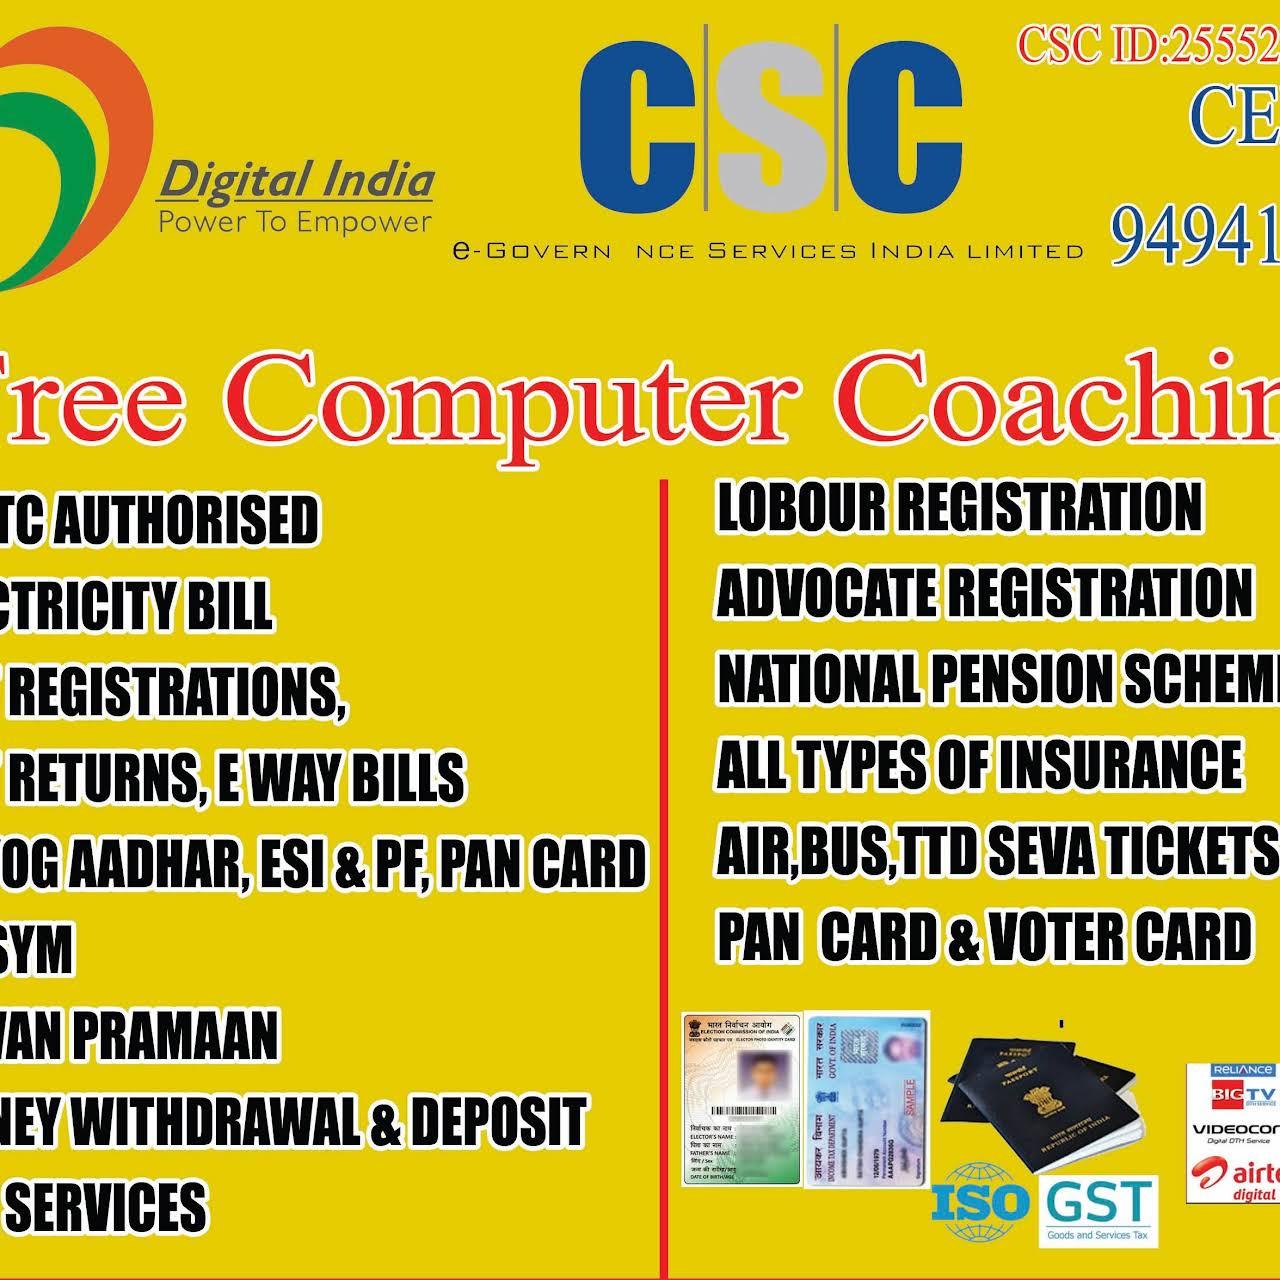 Digital Seva - Digital Printing Service in Karakambadi Rural